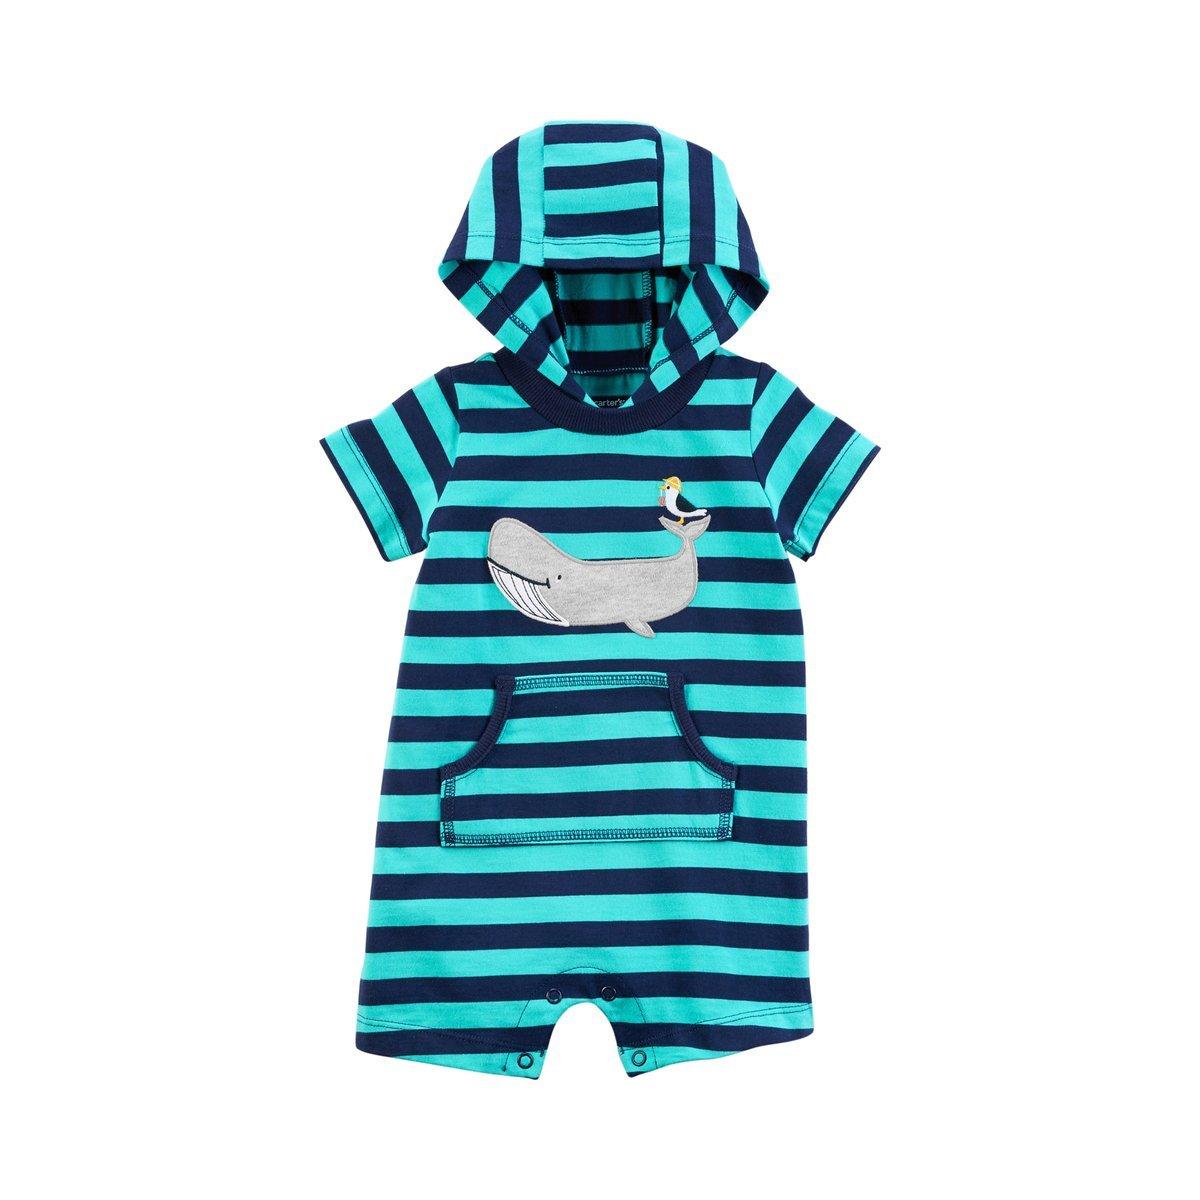 Carter's SHIRT ベビーボーイズ B07CQ48JKK Turquoise/Whale 24 Months 24 Months|Turquoise/Whale